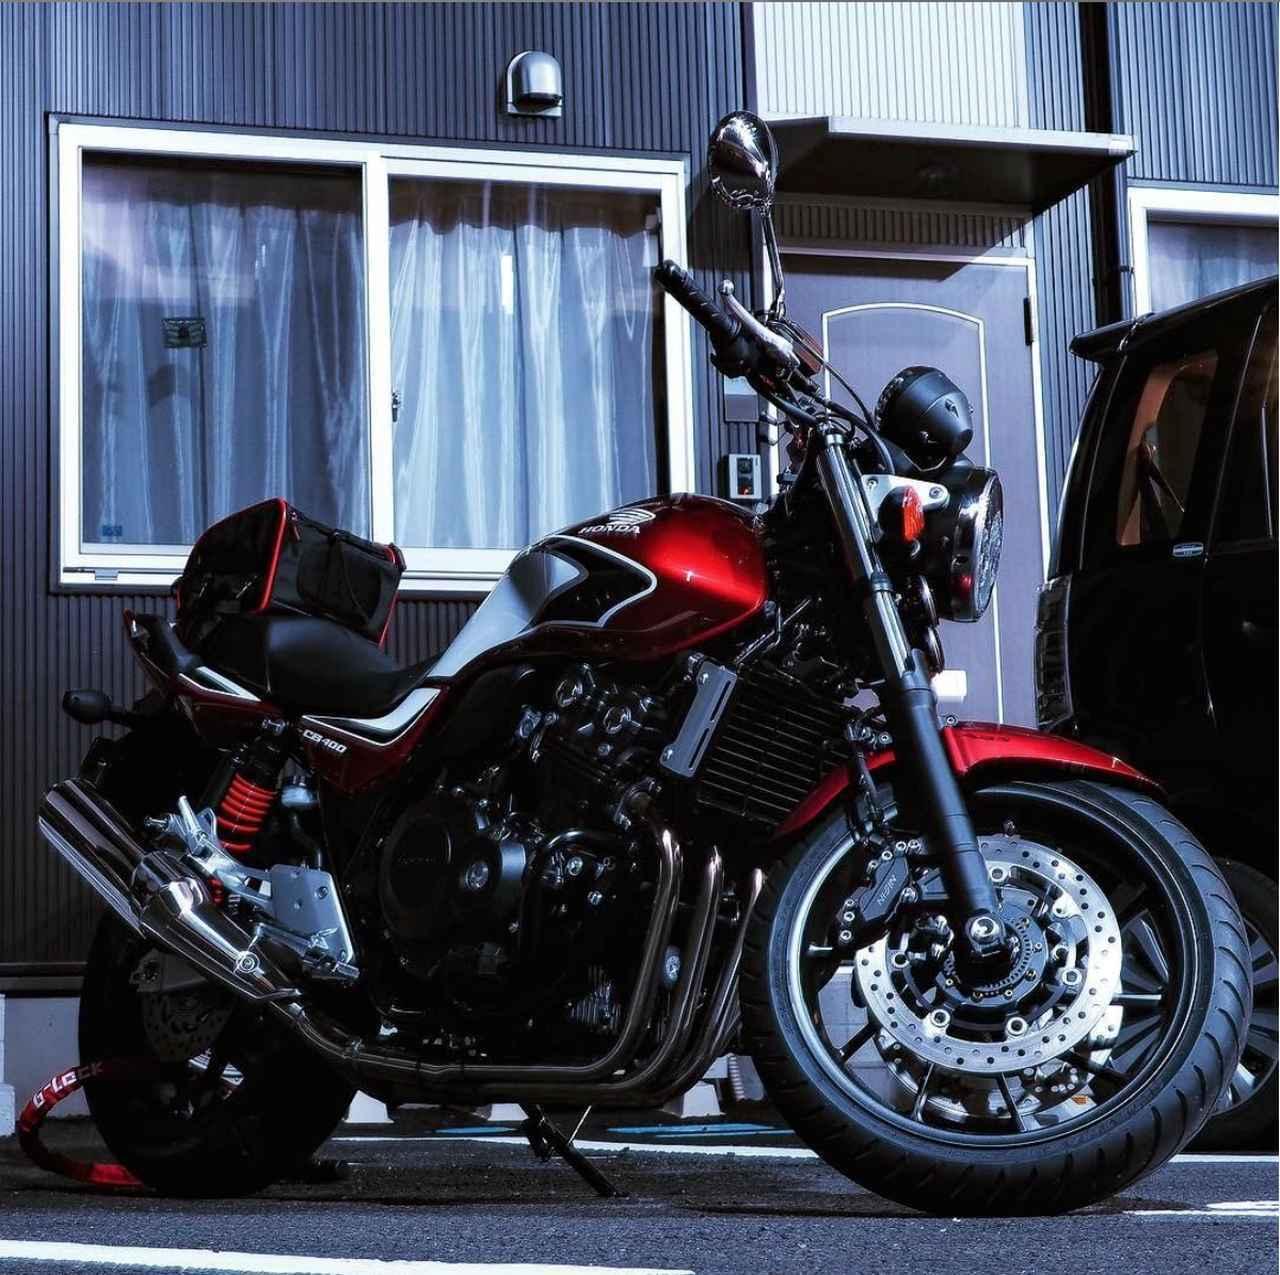 画像: 新人ライダー、ベテランライダーどちらも素敵な1枚!【リトホンインスタ部vol.34】 - A Little Honda